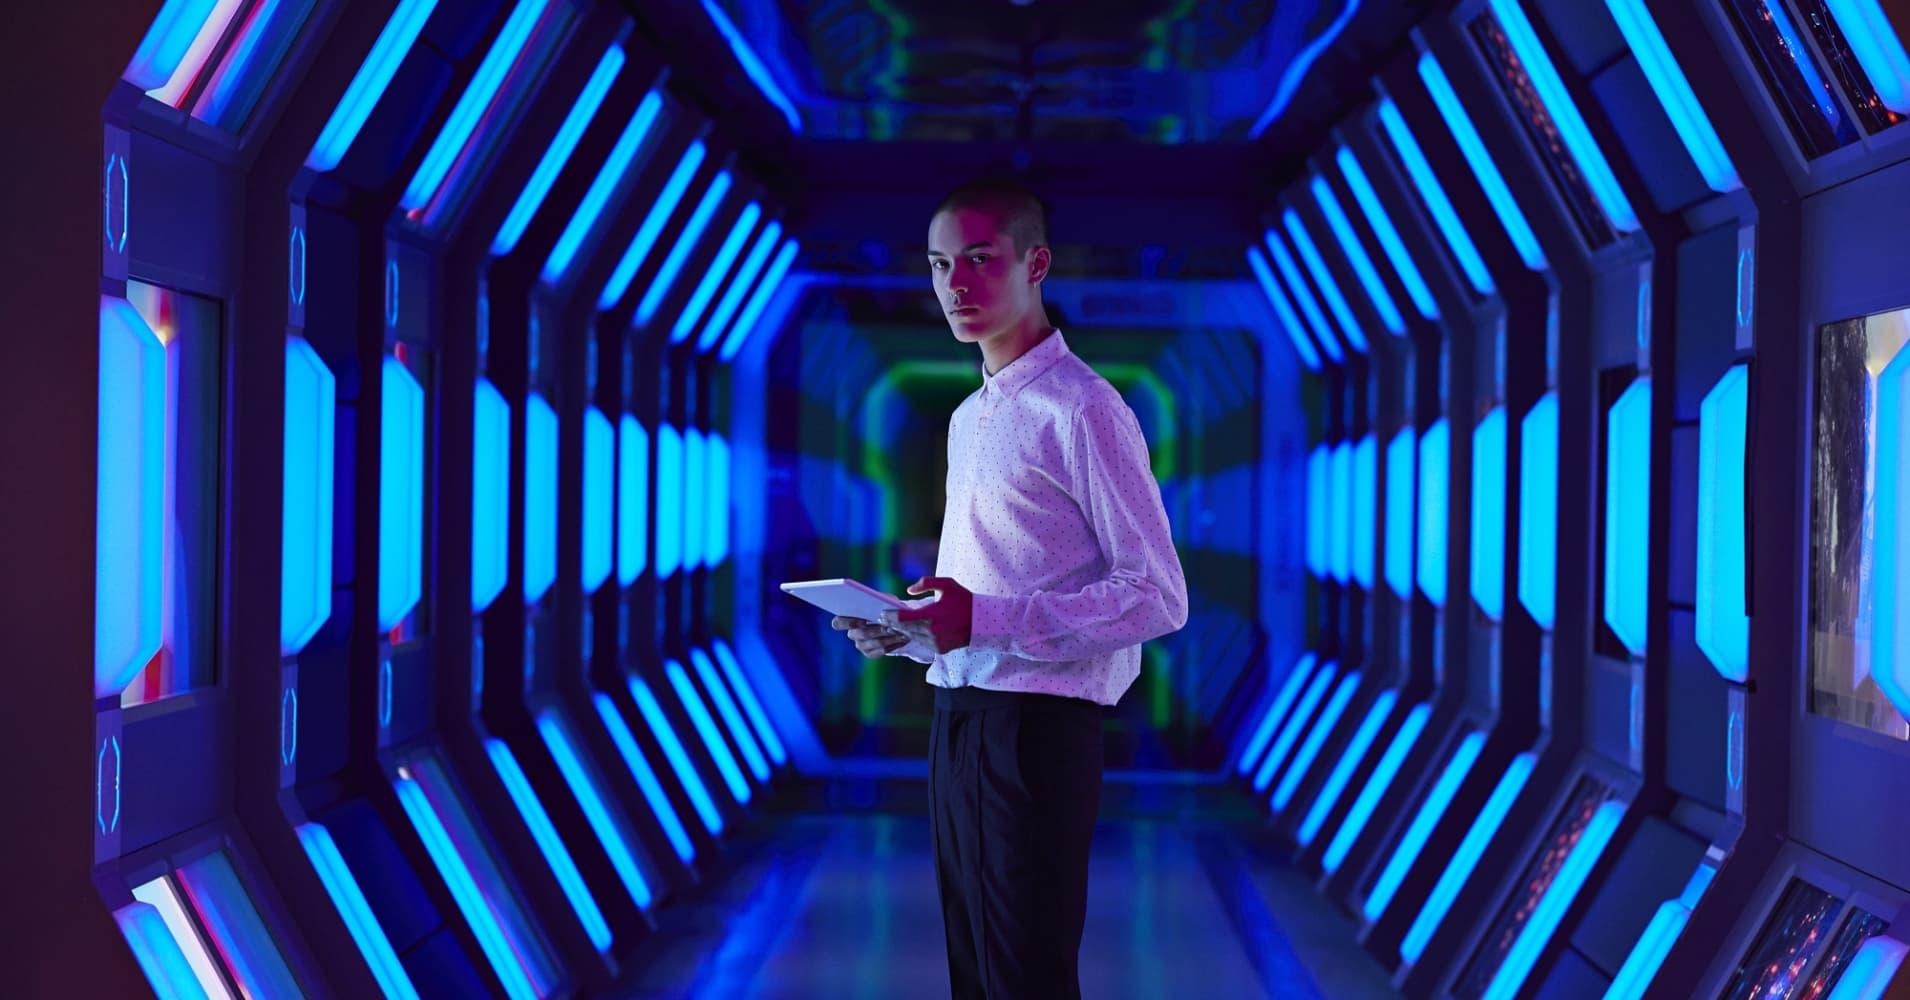 """Résultat de recherche d'images pour """"cyber engineer"""""""